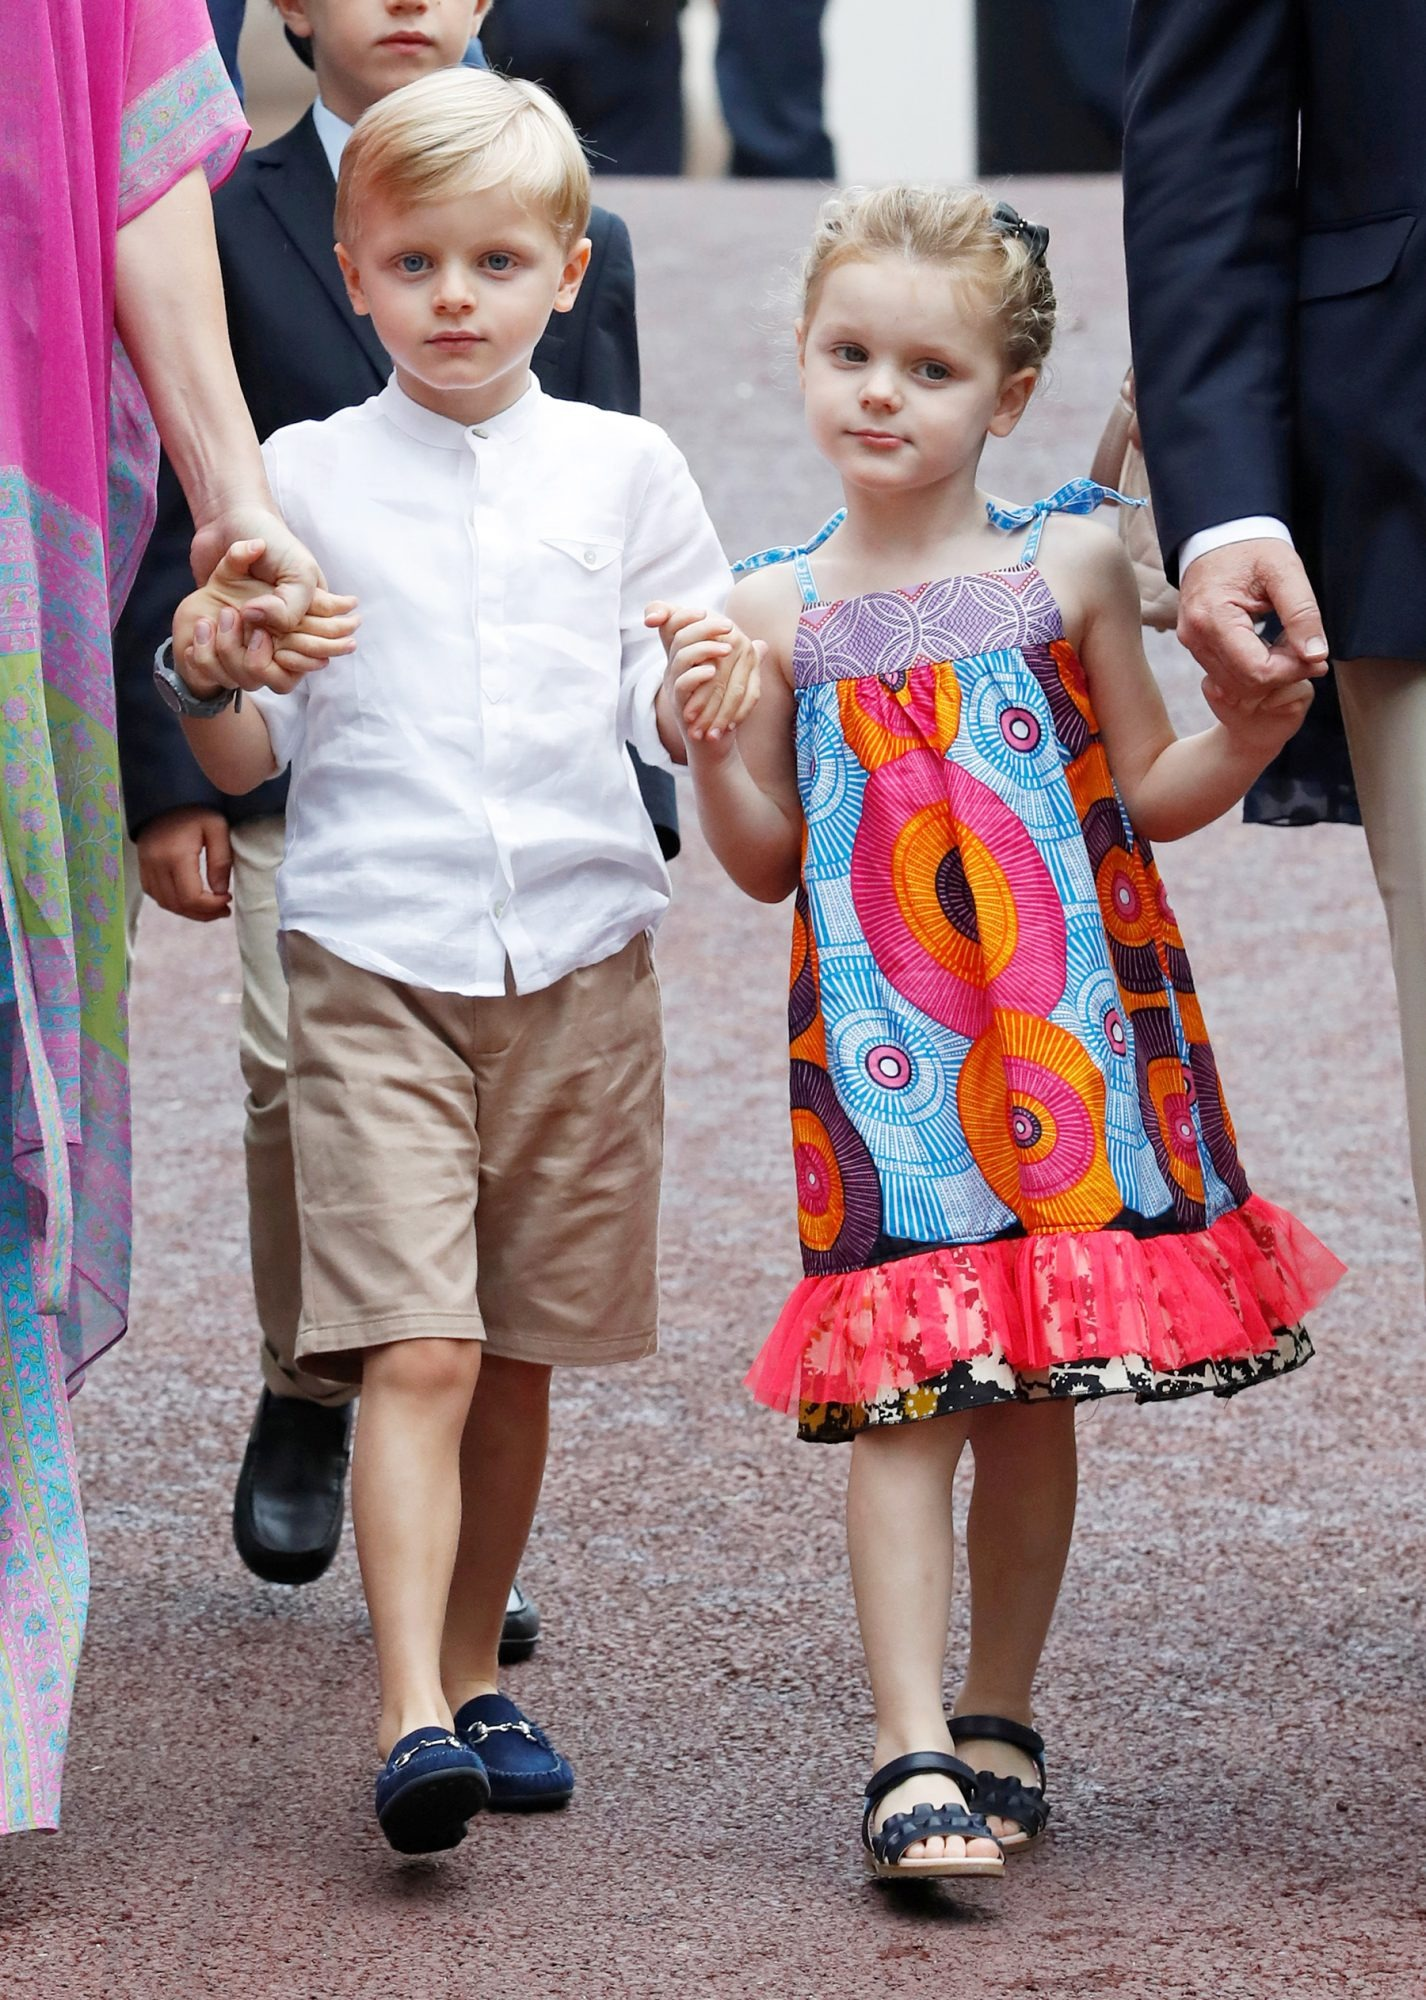 Tiểu công chúa Gabriella mặc đầm dây họa tiết và mang giày sandals